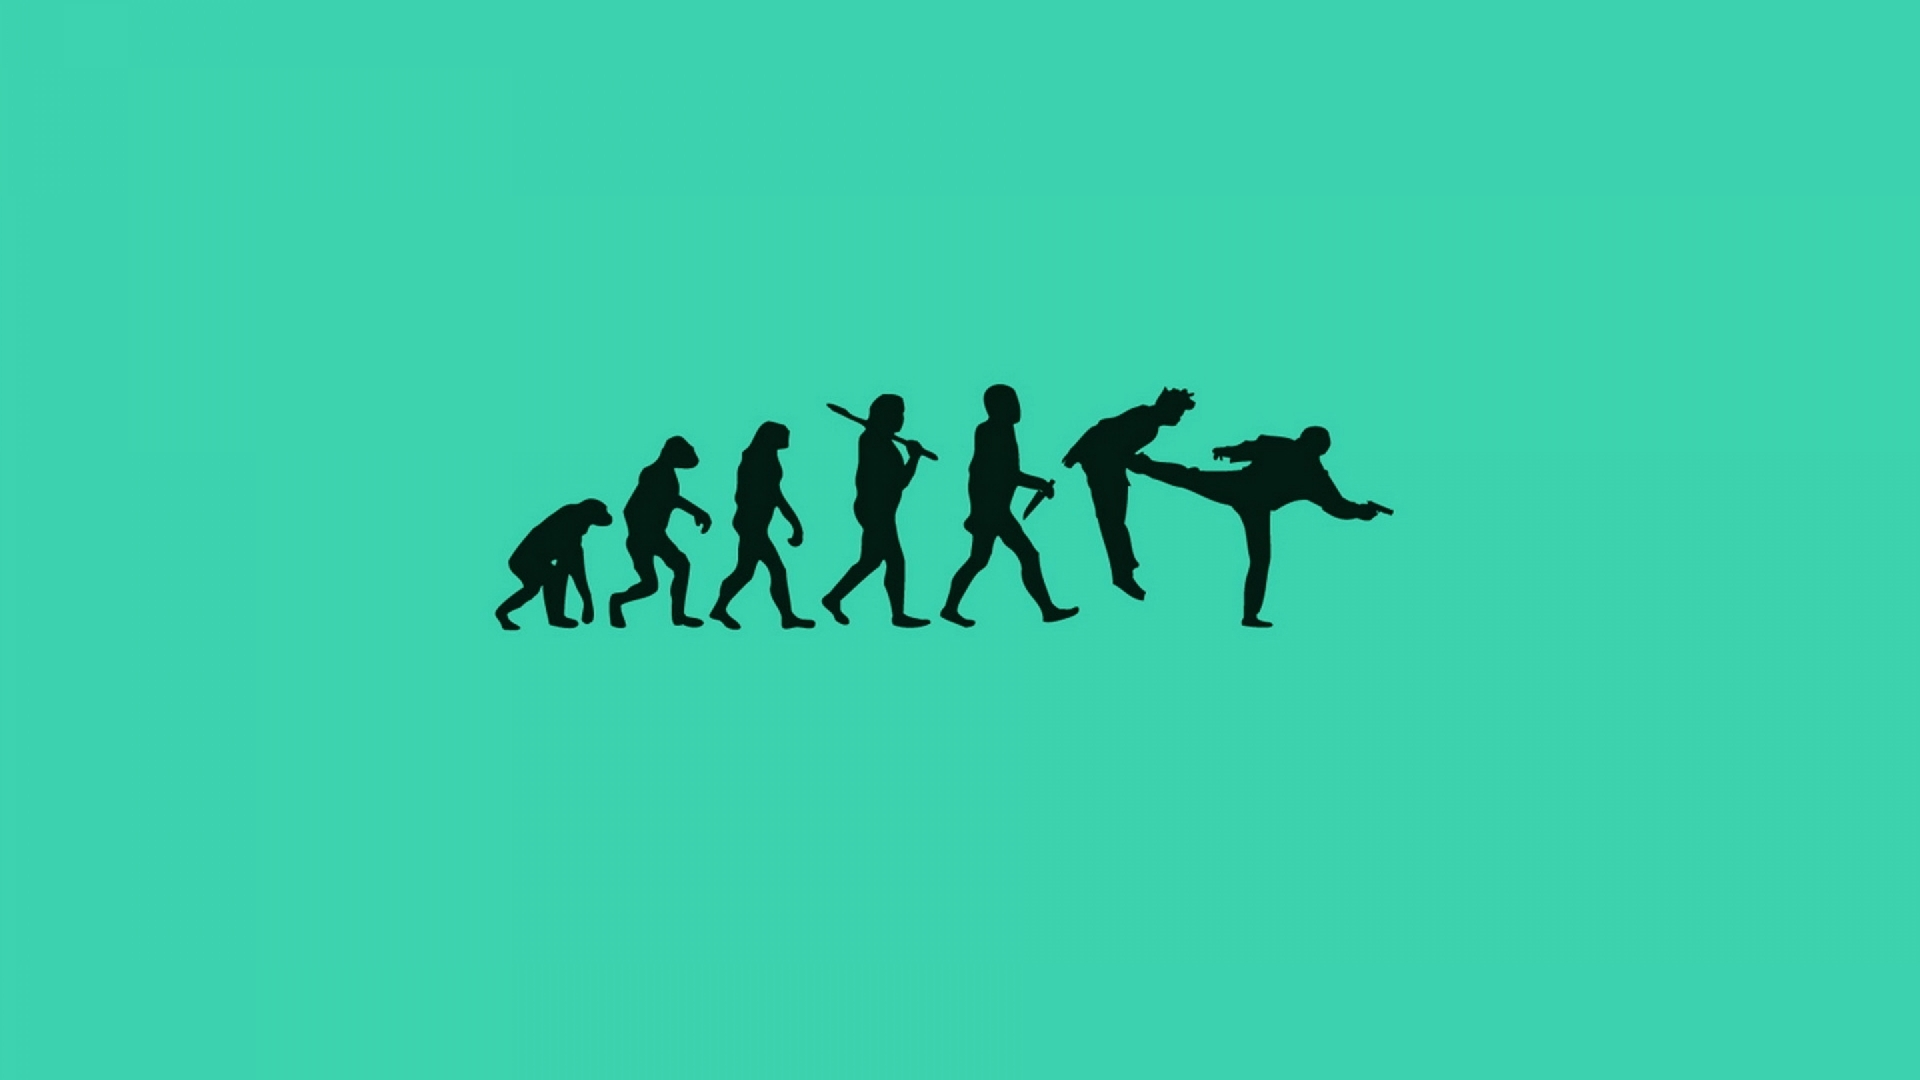 Que dire pour parler d'évolution ?